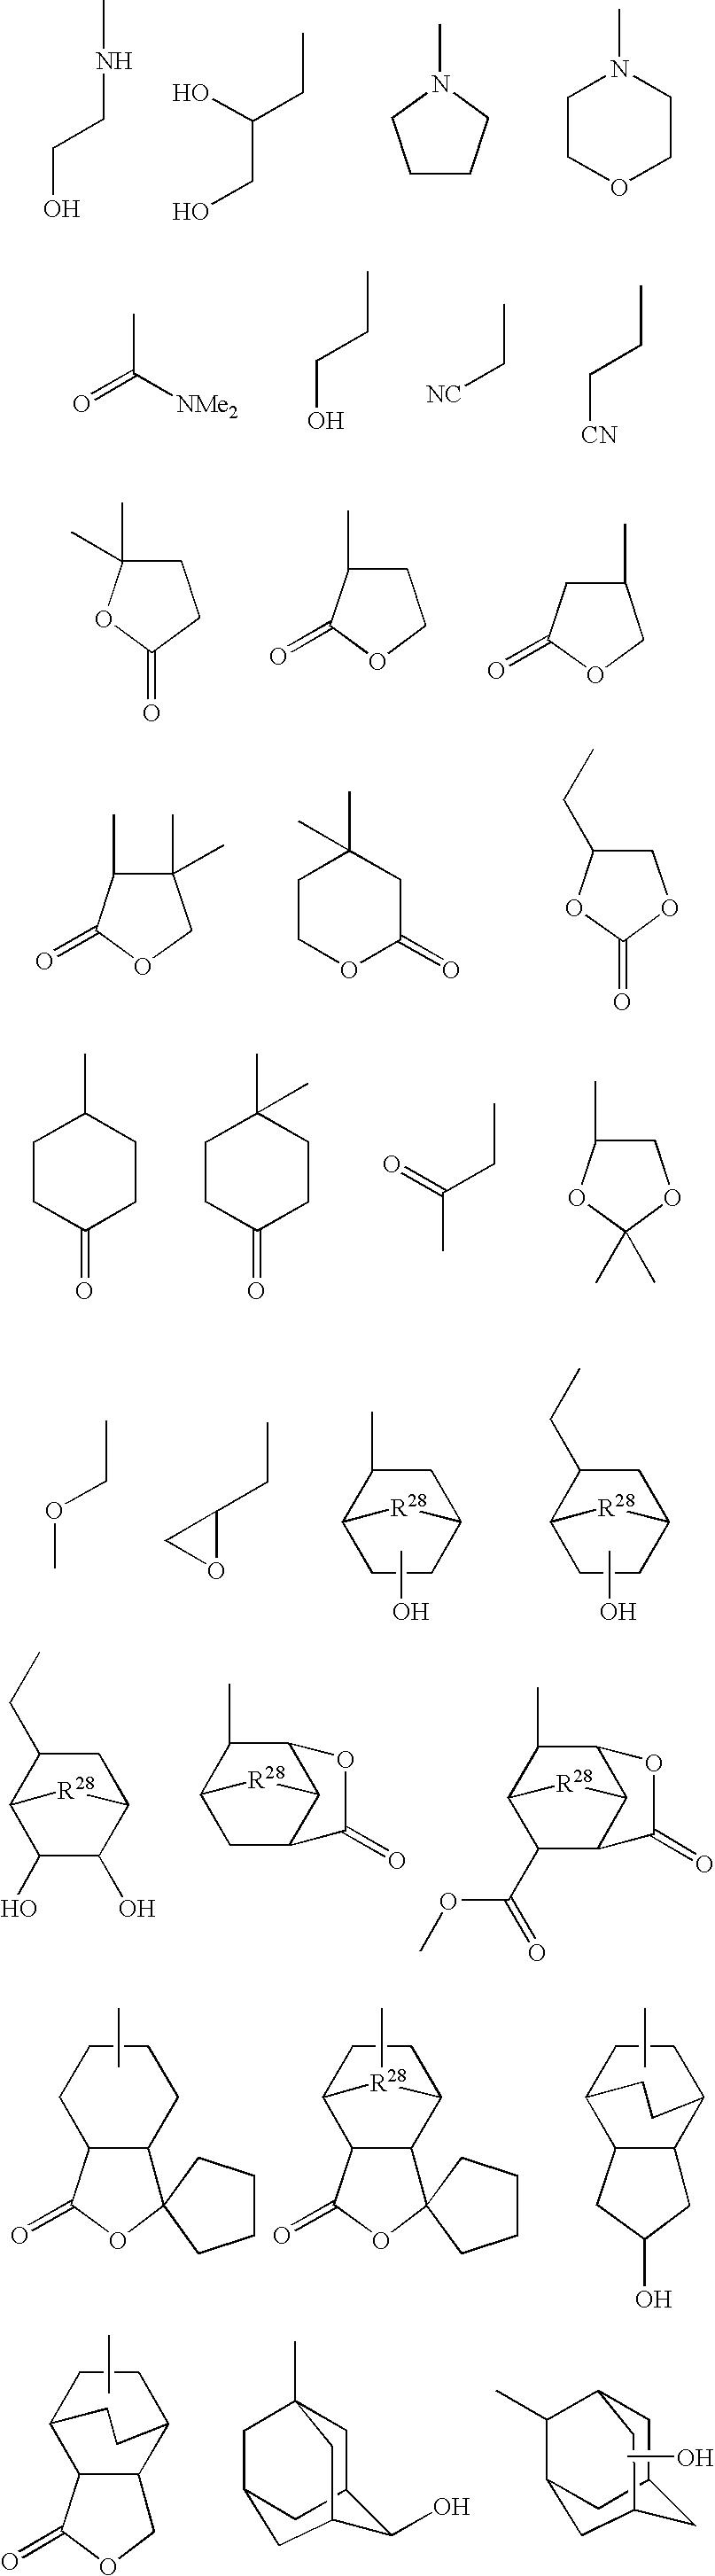 Figure US20050106499A1-20050519-C00035